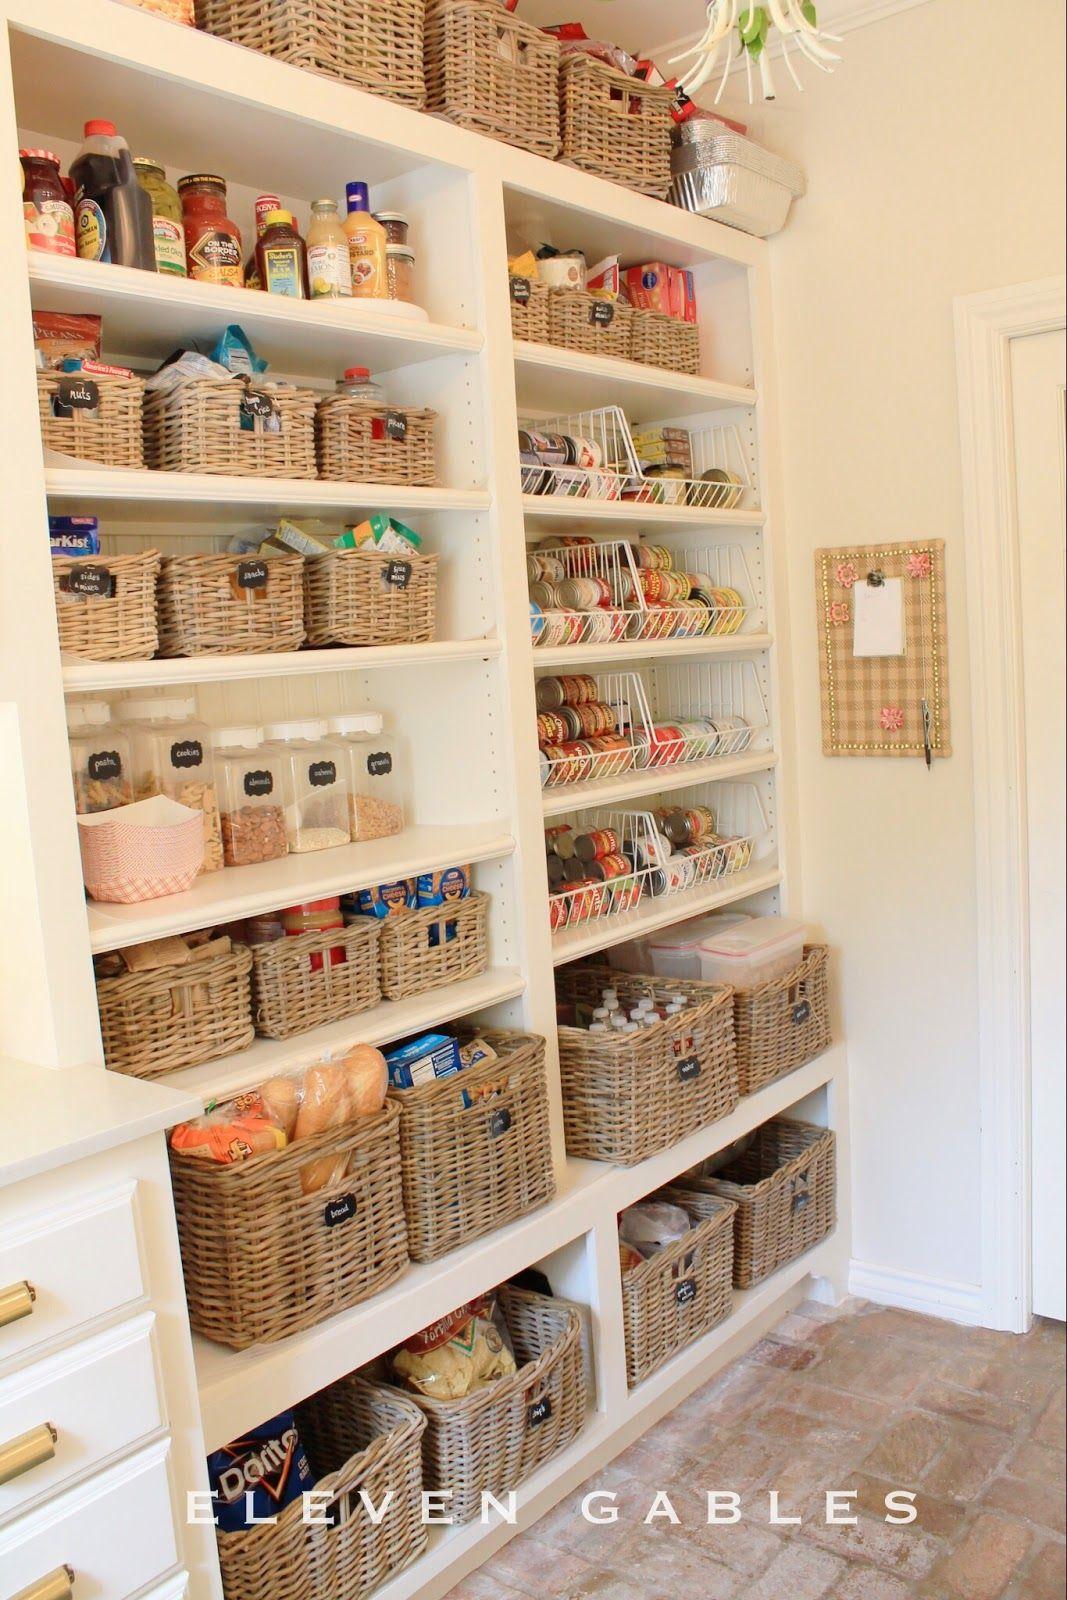 cbinet orgniztion pinterest t ides cupboard diy cabinet pantry storage smrt kitchen products organization ideas